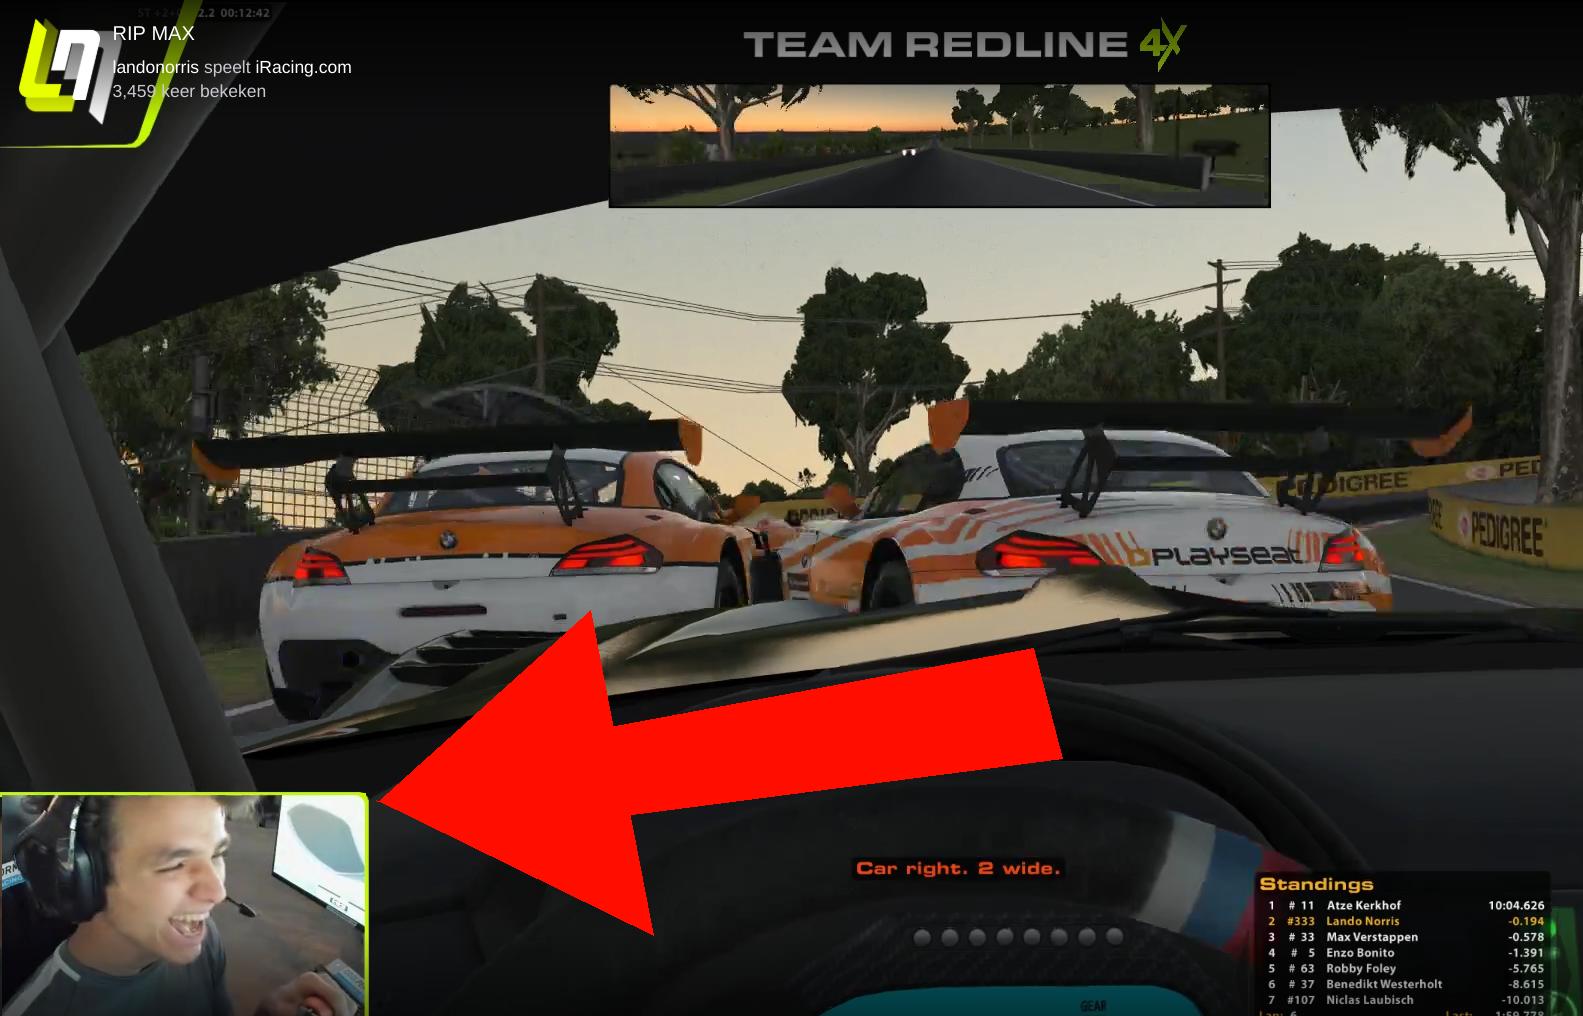 Max Verstappen And Lando Norris Having Fun Crashing At iRacing